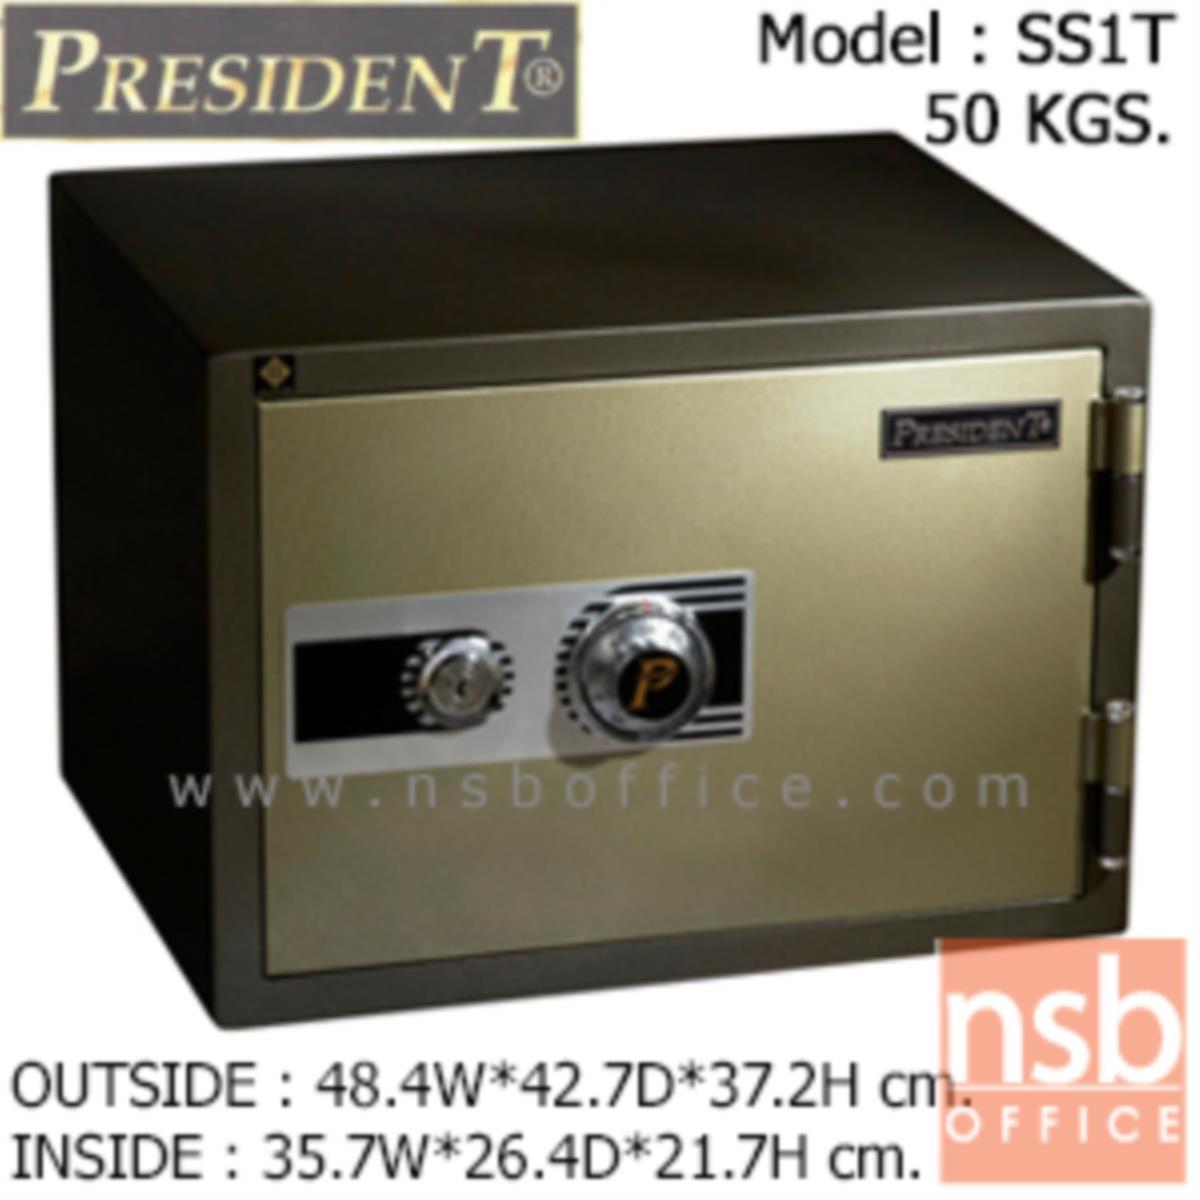 ตู้เซฟนิรภัยชนิดหมุน 50 กก.  รุ่น PRESIDENT-SS1T มีถาด 4 อัน มี 1 กุญแจ 1 รหัส (ใช้หมุนหน้าตู้)